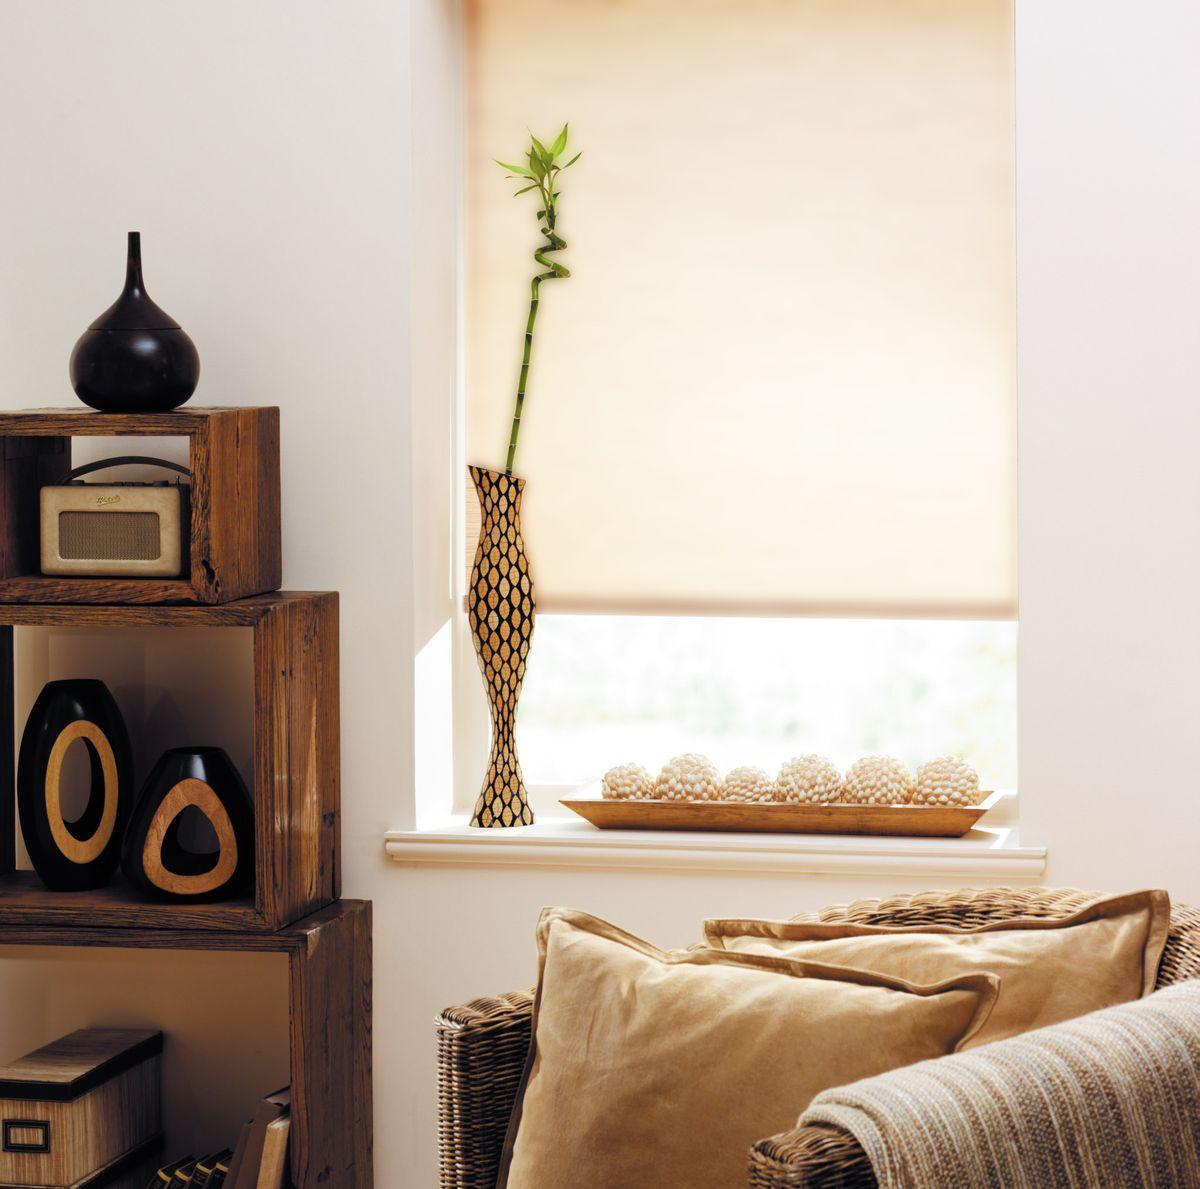 Штора рулонная Эскар Миниролло, цвет: бежевый лен, ширина 52 см, высота 170 см10503Рулонная штора Эскар Миниролло выполнена из высокопрочной ткани, которая сохраняет свой размер даже при намокании. Ткань не выцветает и обладает отличной цветоустойчивостью.Миниролло - это подвид рулонных штор, который закрывает не весь оконный проем, а непосредственно само стекло. Такие шторы крепятся на раму без сверления при помощи зажимов или клейкой двухсторонней ленты (в комплекте). Окно остается на гарантии, благодаря монтажу без сверления. Такая штора станет прекрасным элементом декора окна и гармонично впишется в интерьер любого помещения.